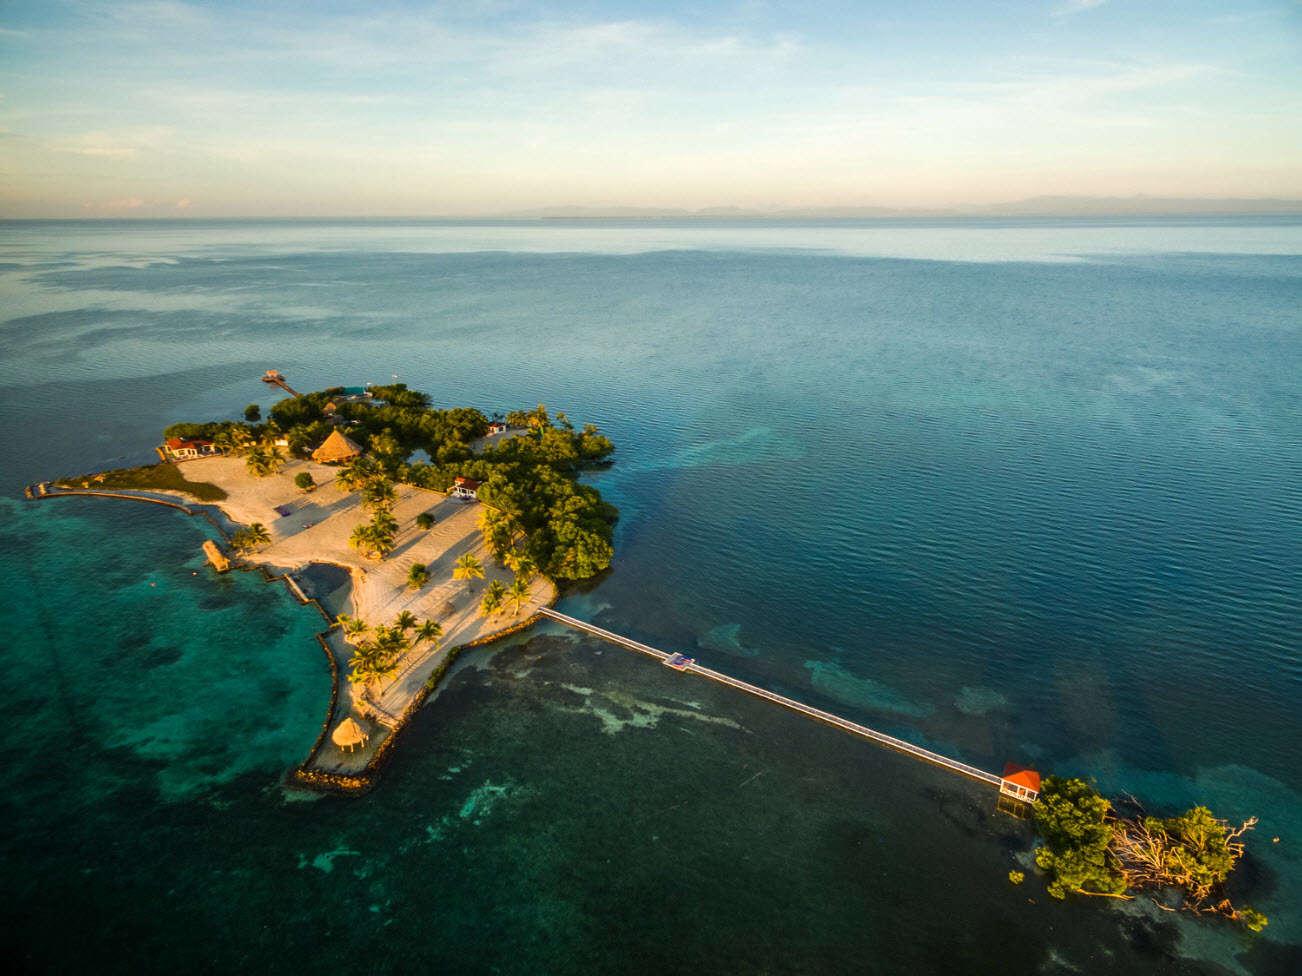 Central america villa rentals - Belize - Royal belize - No location 4 - Royal Belize Resort - Image 1/25